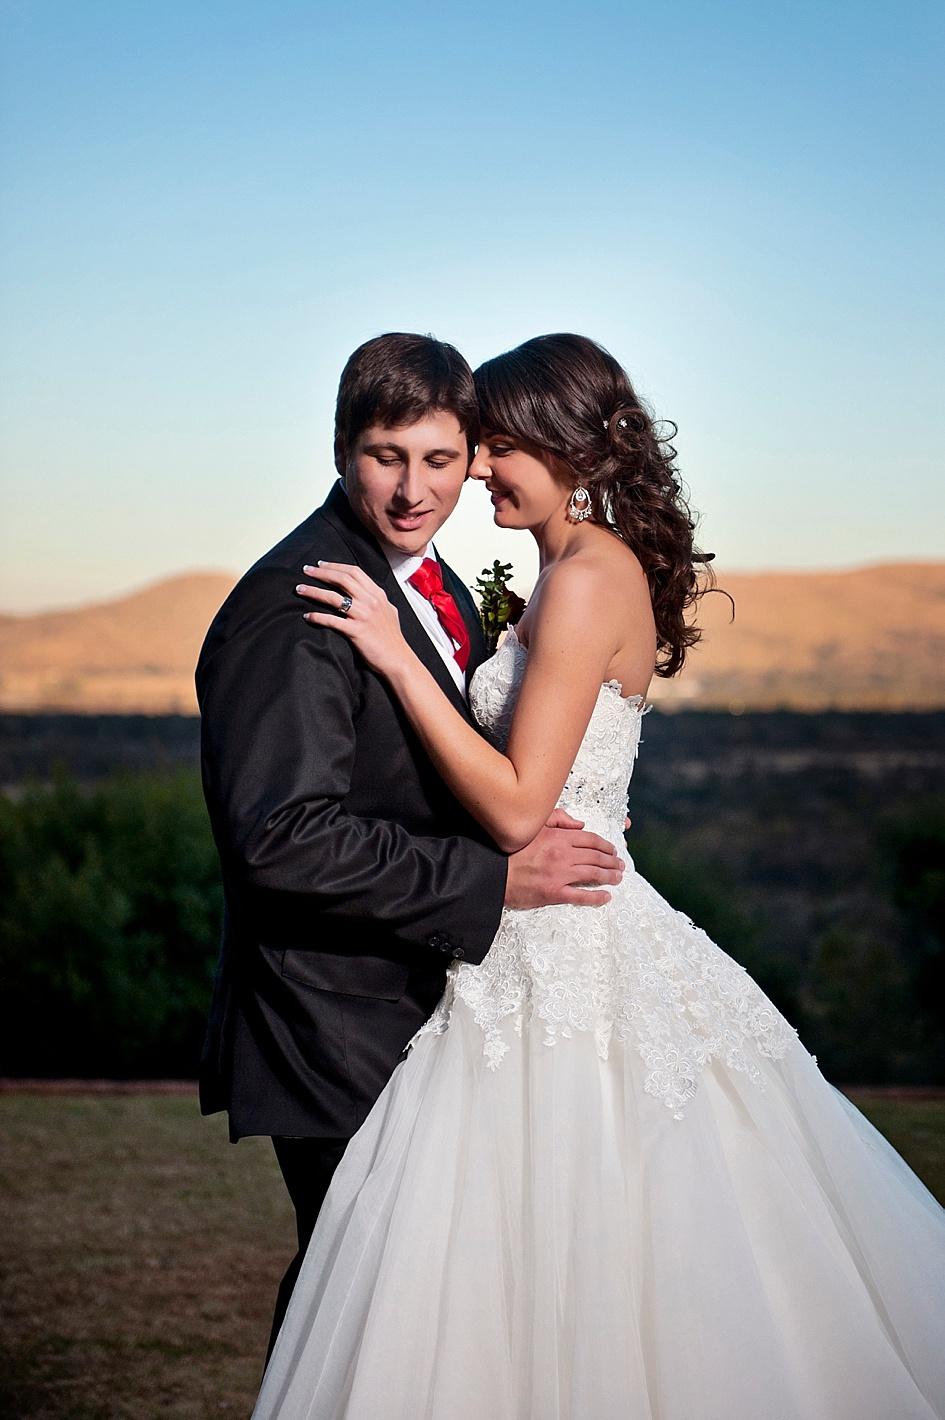 greenleaves-wedding-shoot.jpg